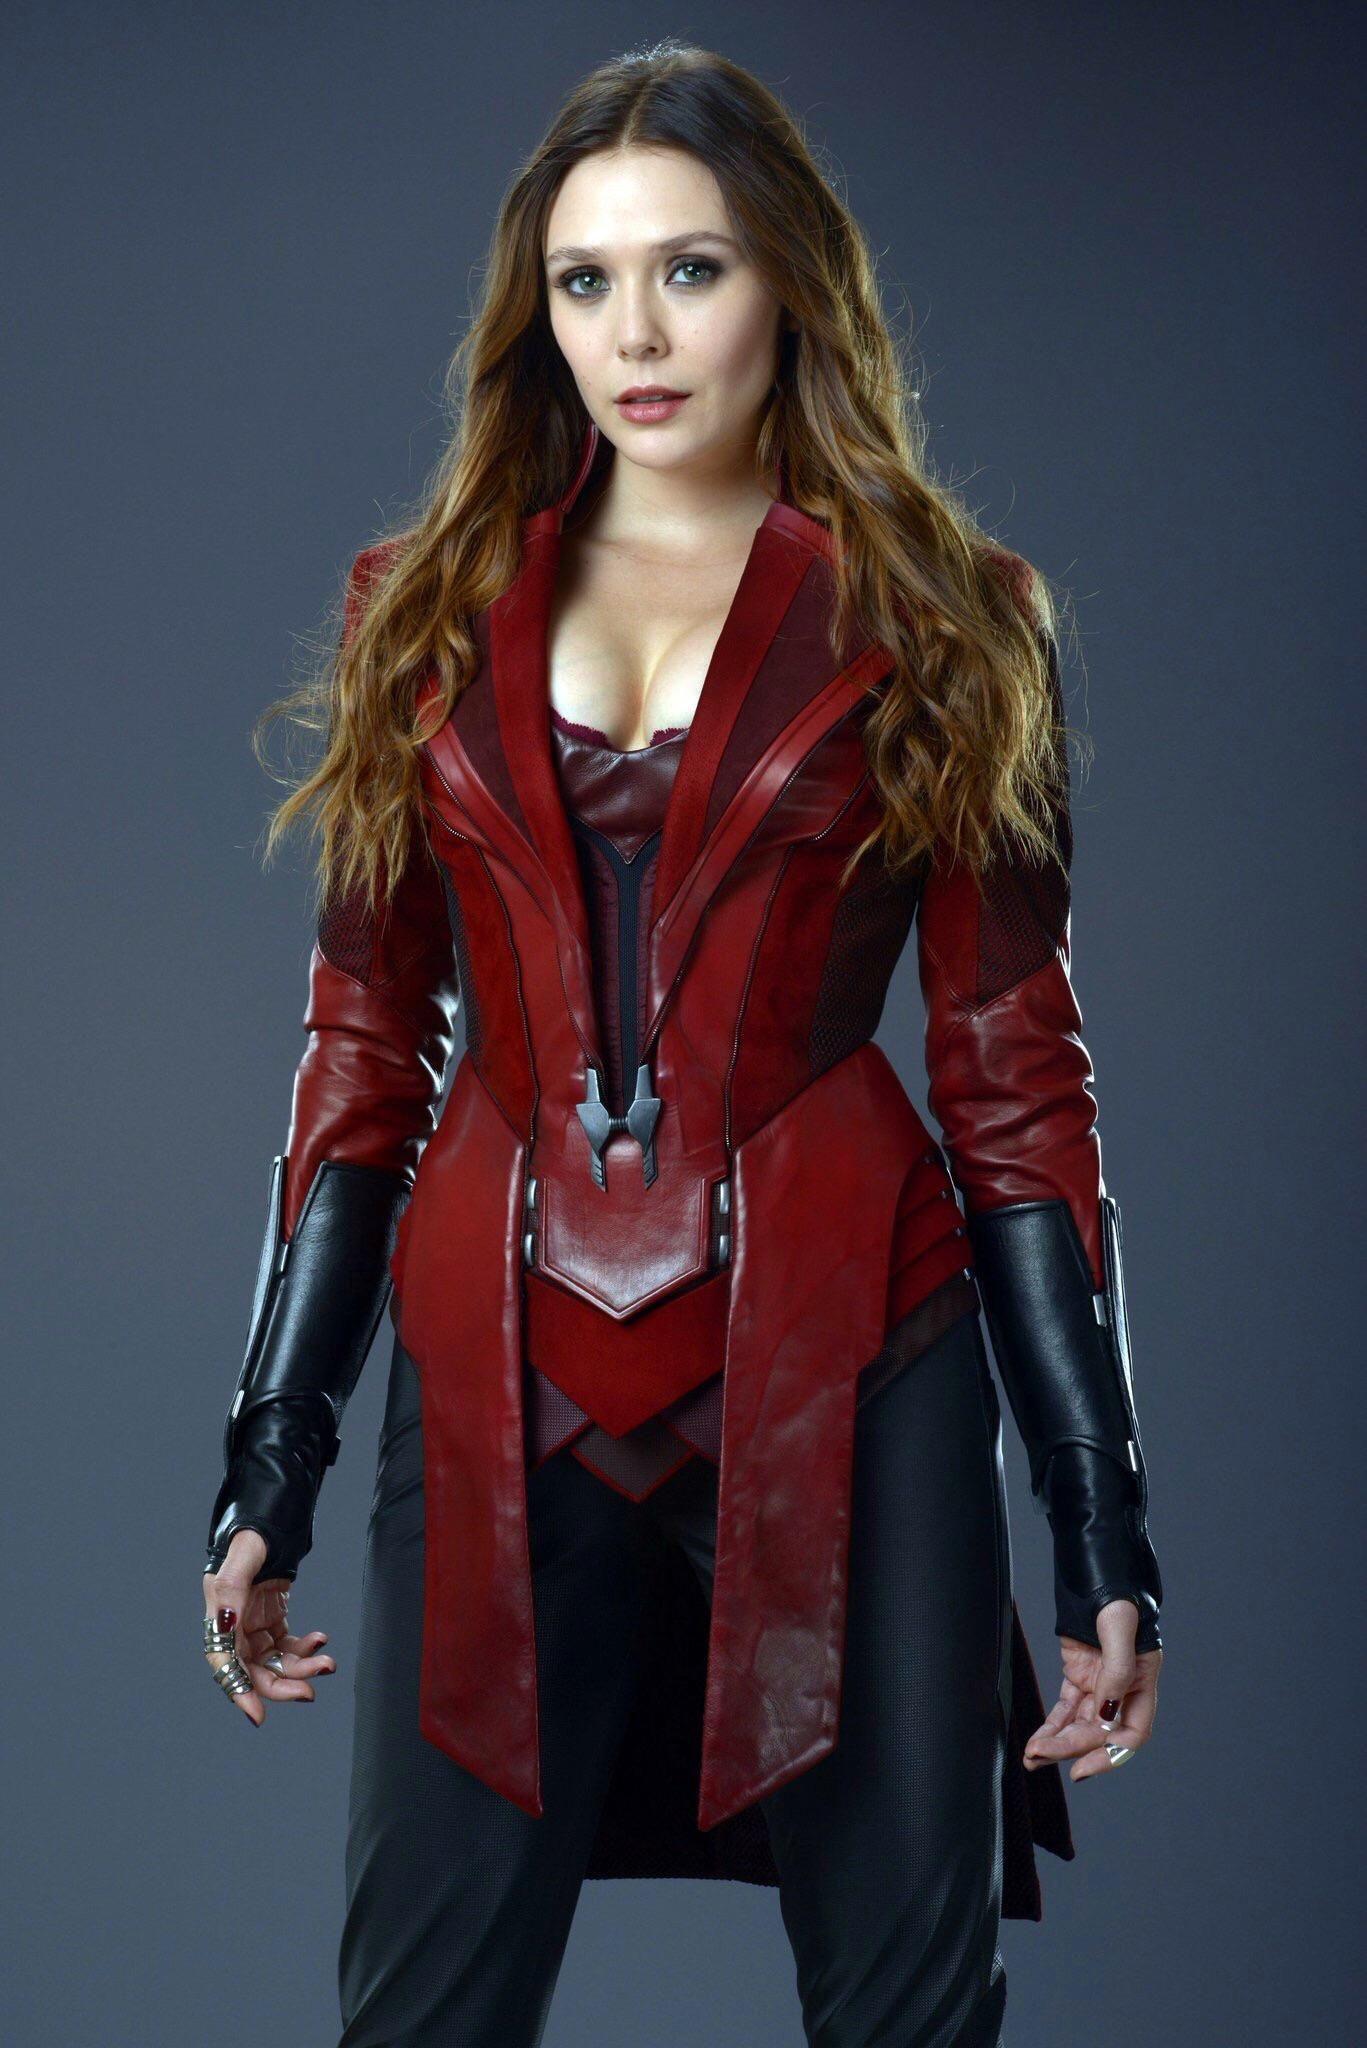 Image result for Scarlet Witch, Elizabeth Olsen Avengers: Age of Ultron